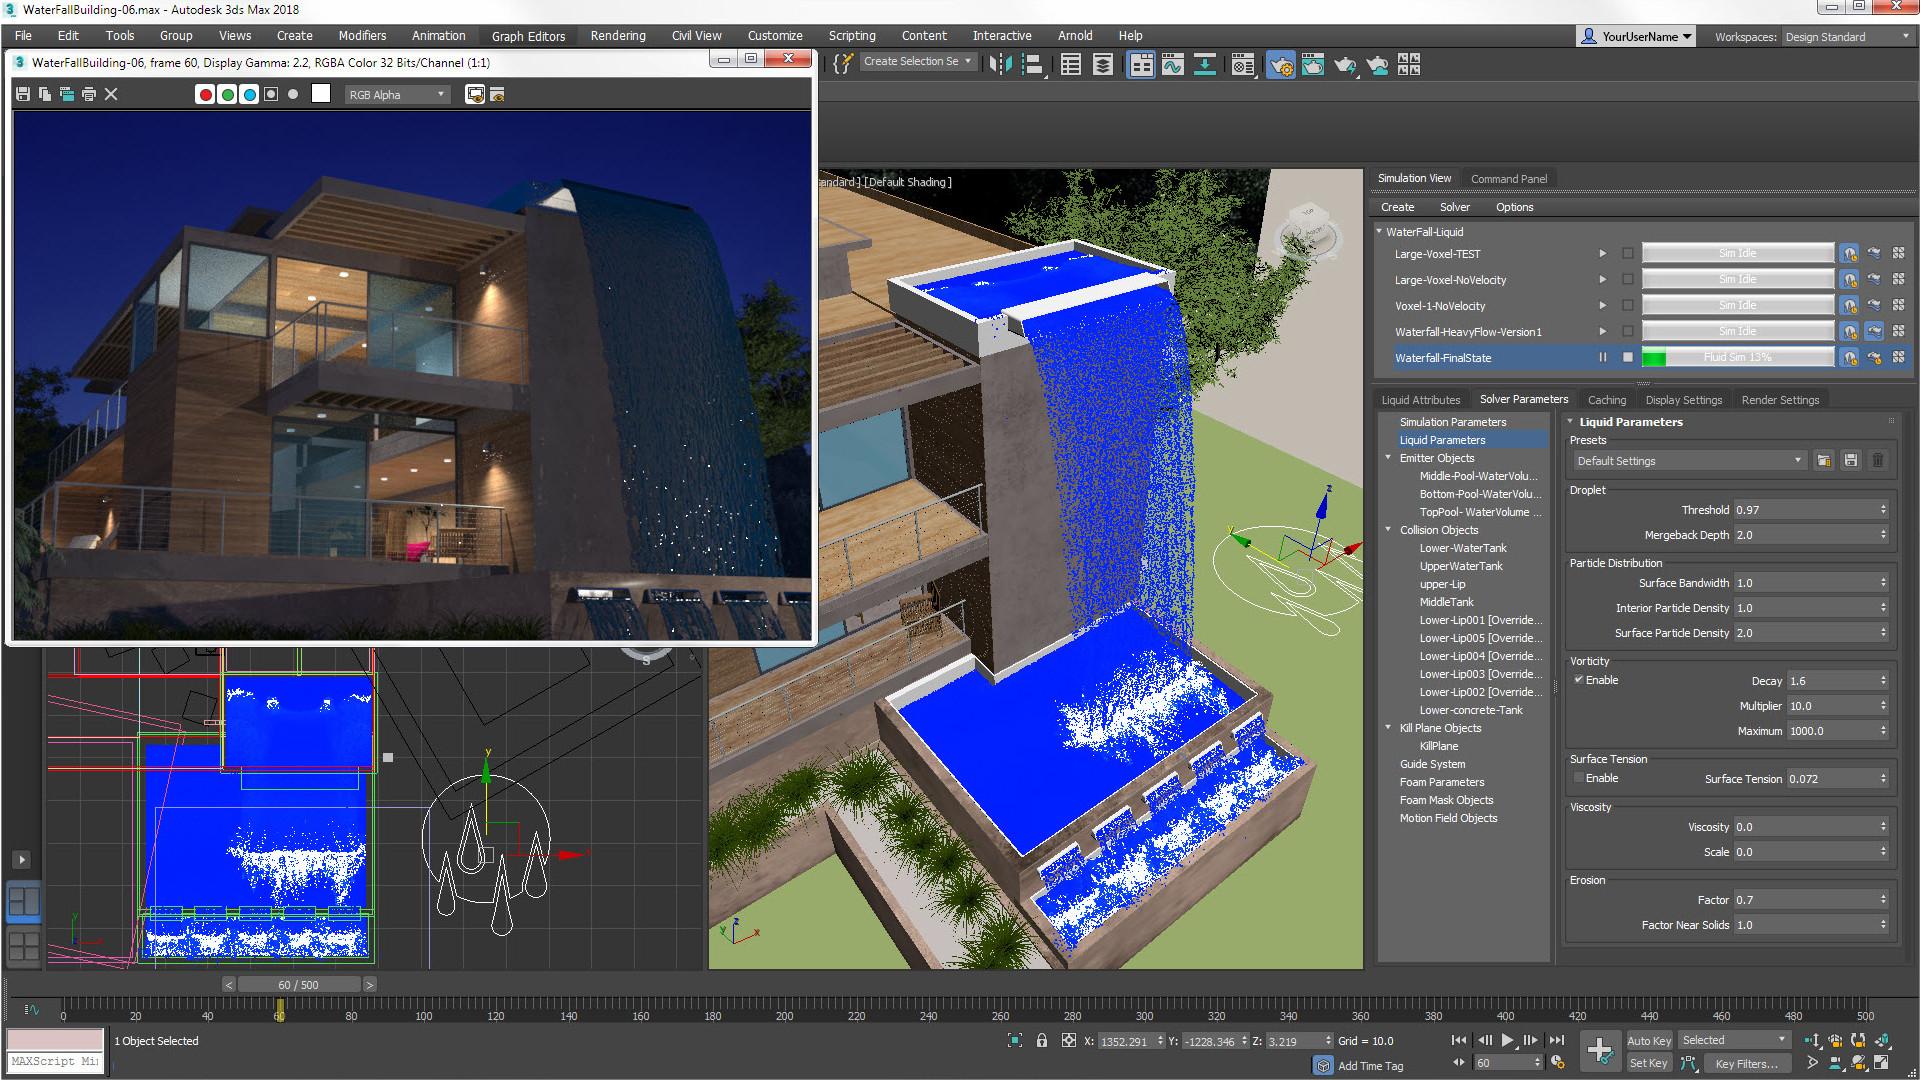 3ds Max 2018 Update 3 ile Sıvı Akışkanları Animasyonu